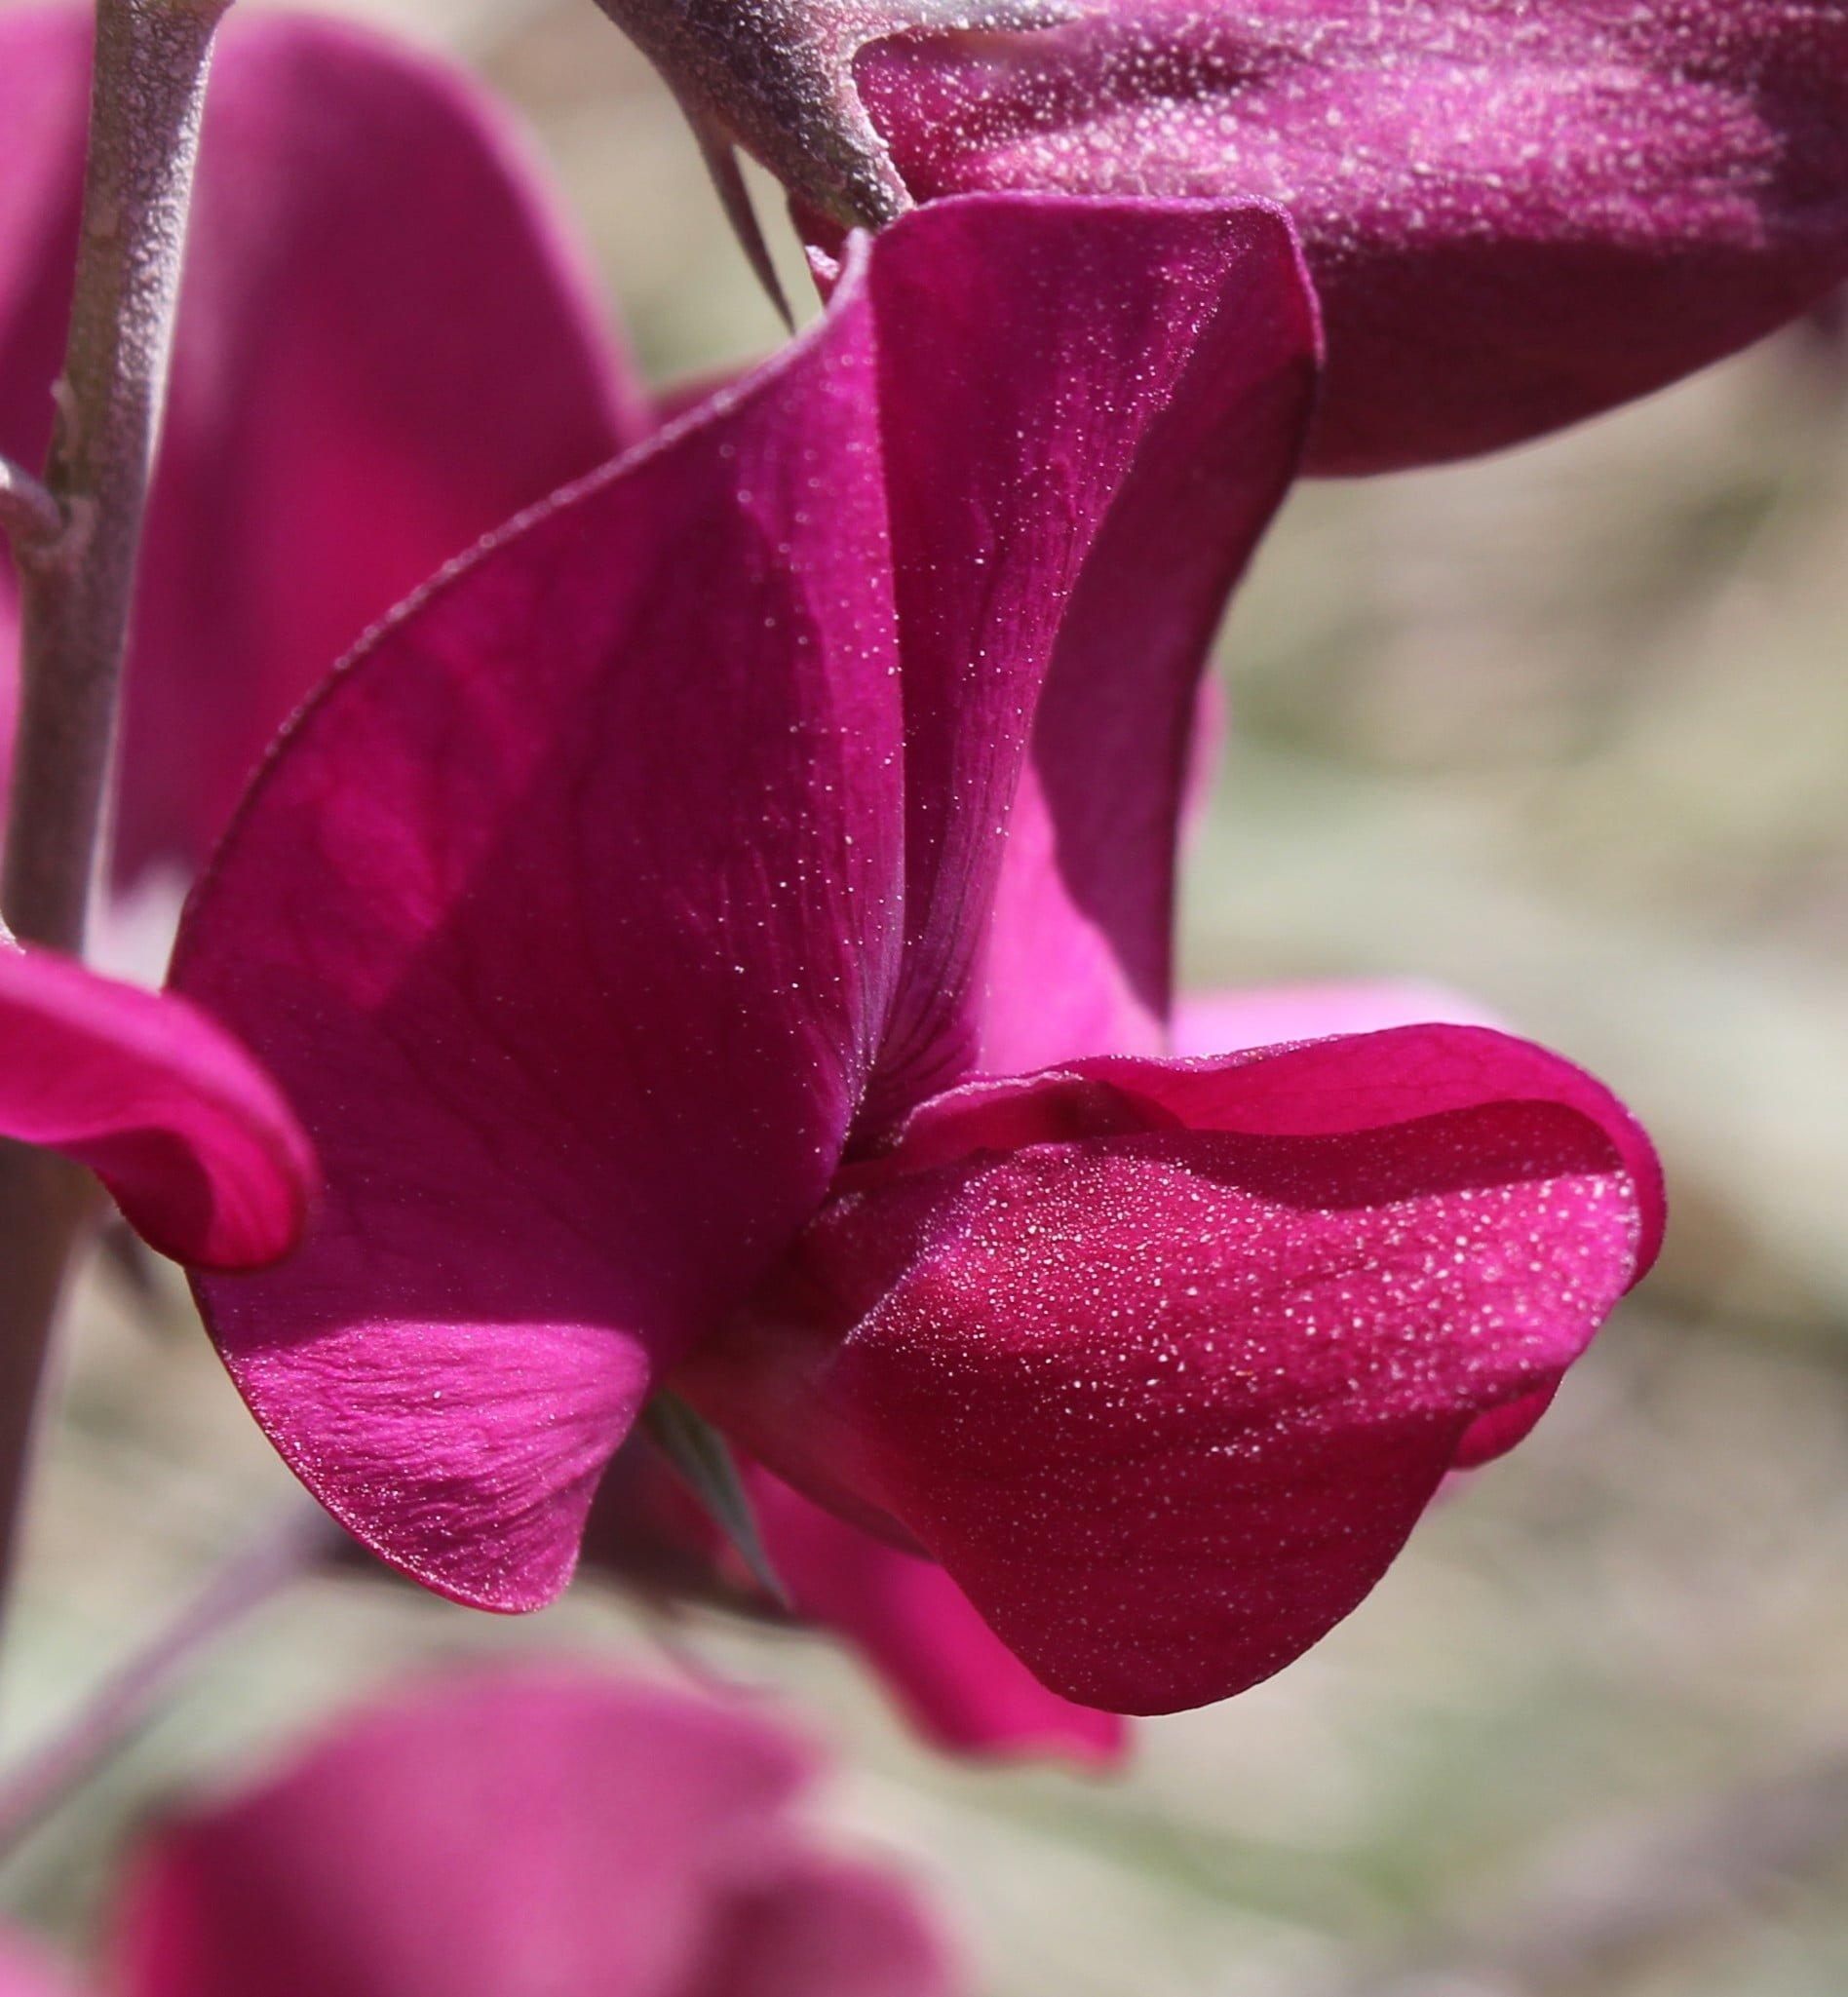 Lathyrus undulatus